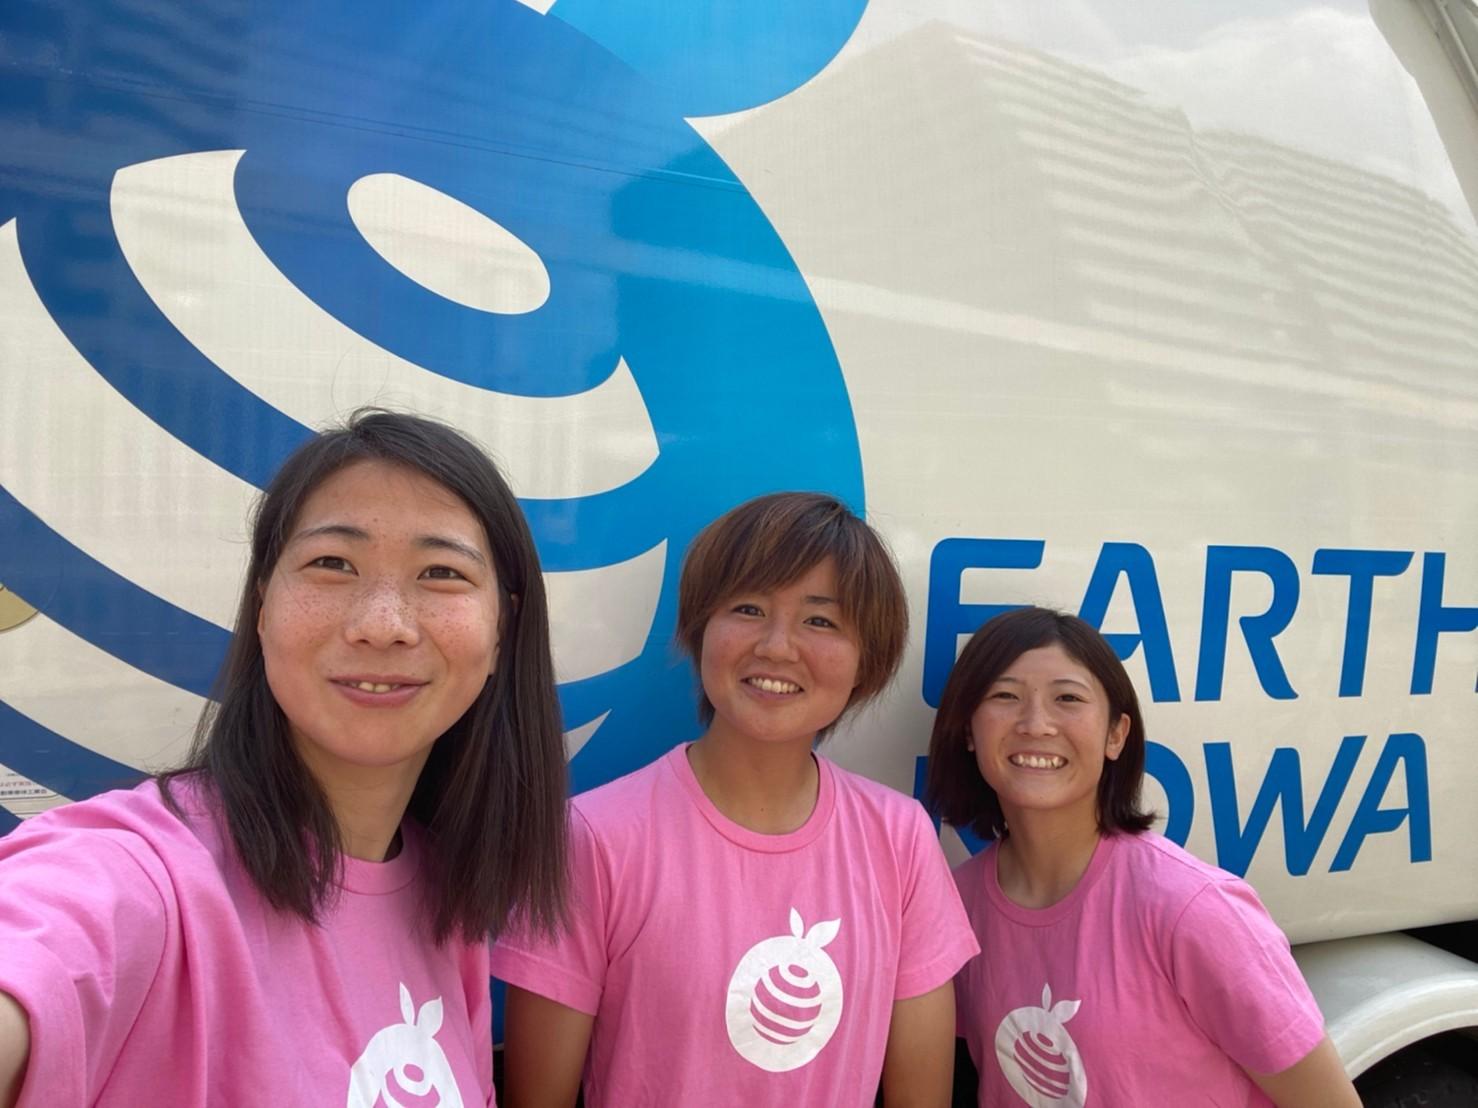 興亜商事株式会社社員兼女子サッカー選手3名の写真